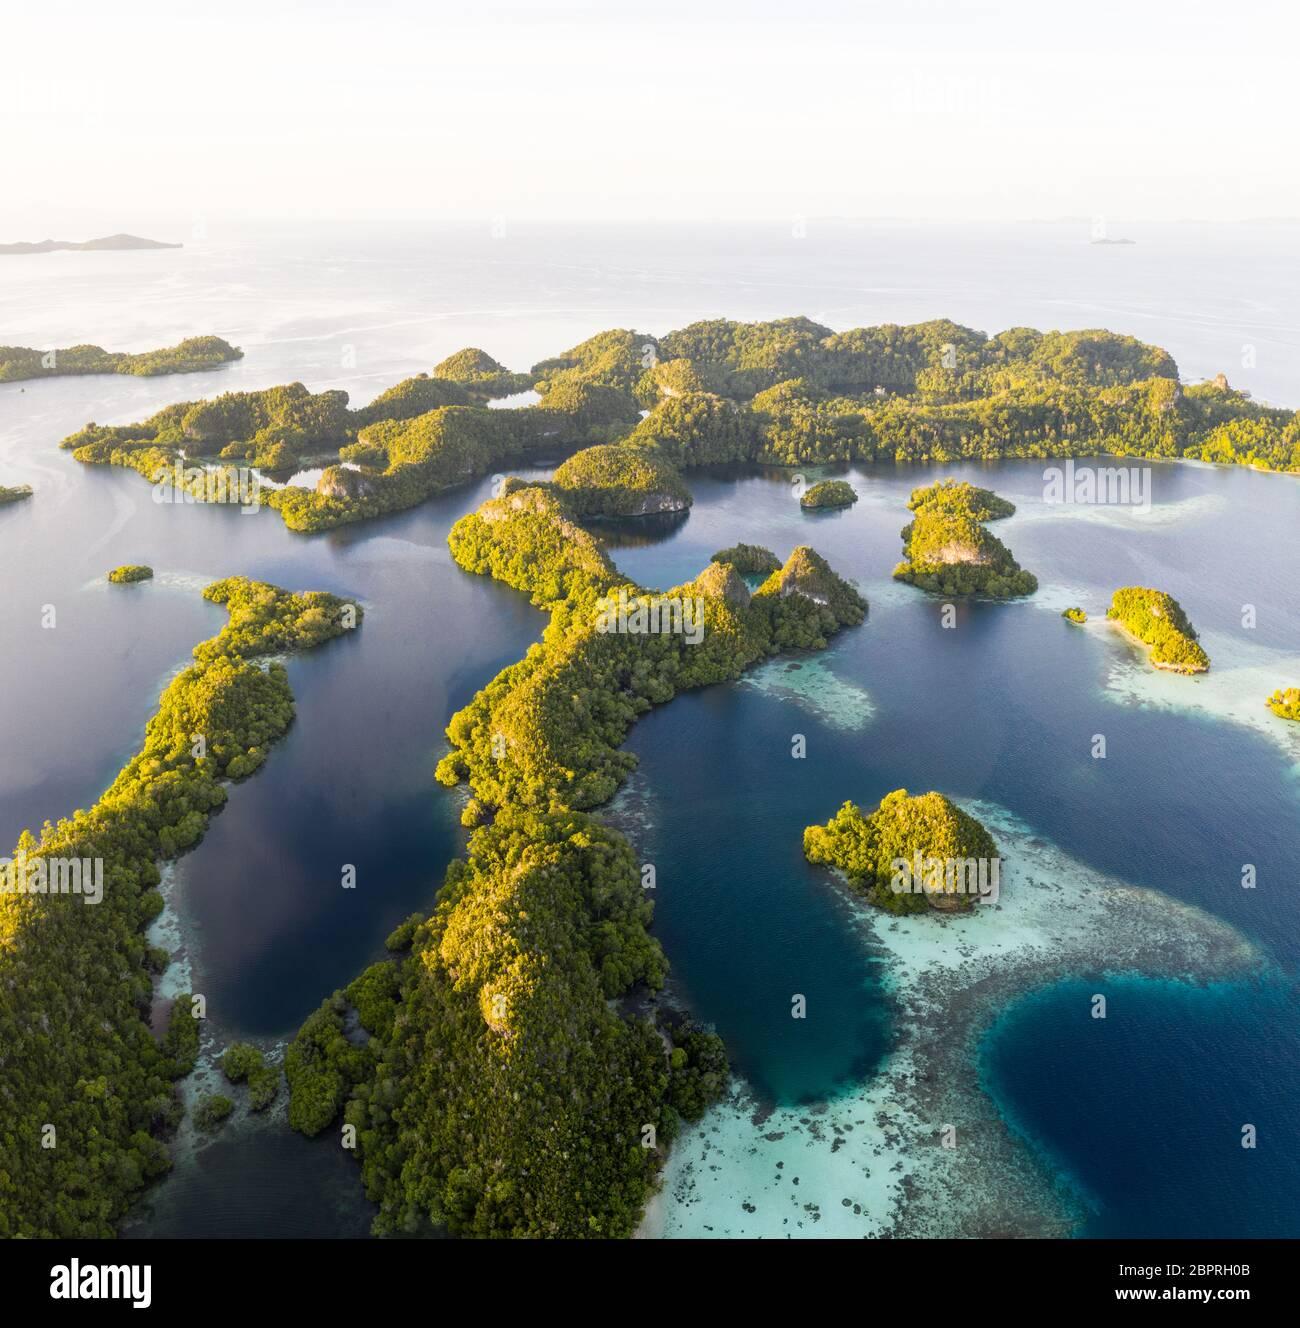 Las islas de piedra caliza que se encuentran en toda Raja Ampat están rodeadas de arrecifes de coral. Esta remota región es un destino favorito para los buceadores. Foto de stock